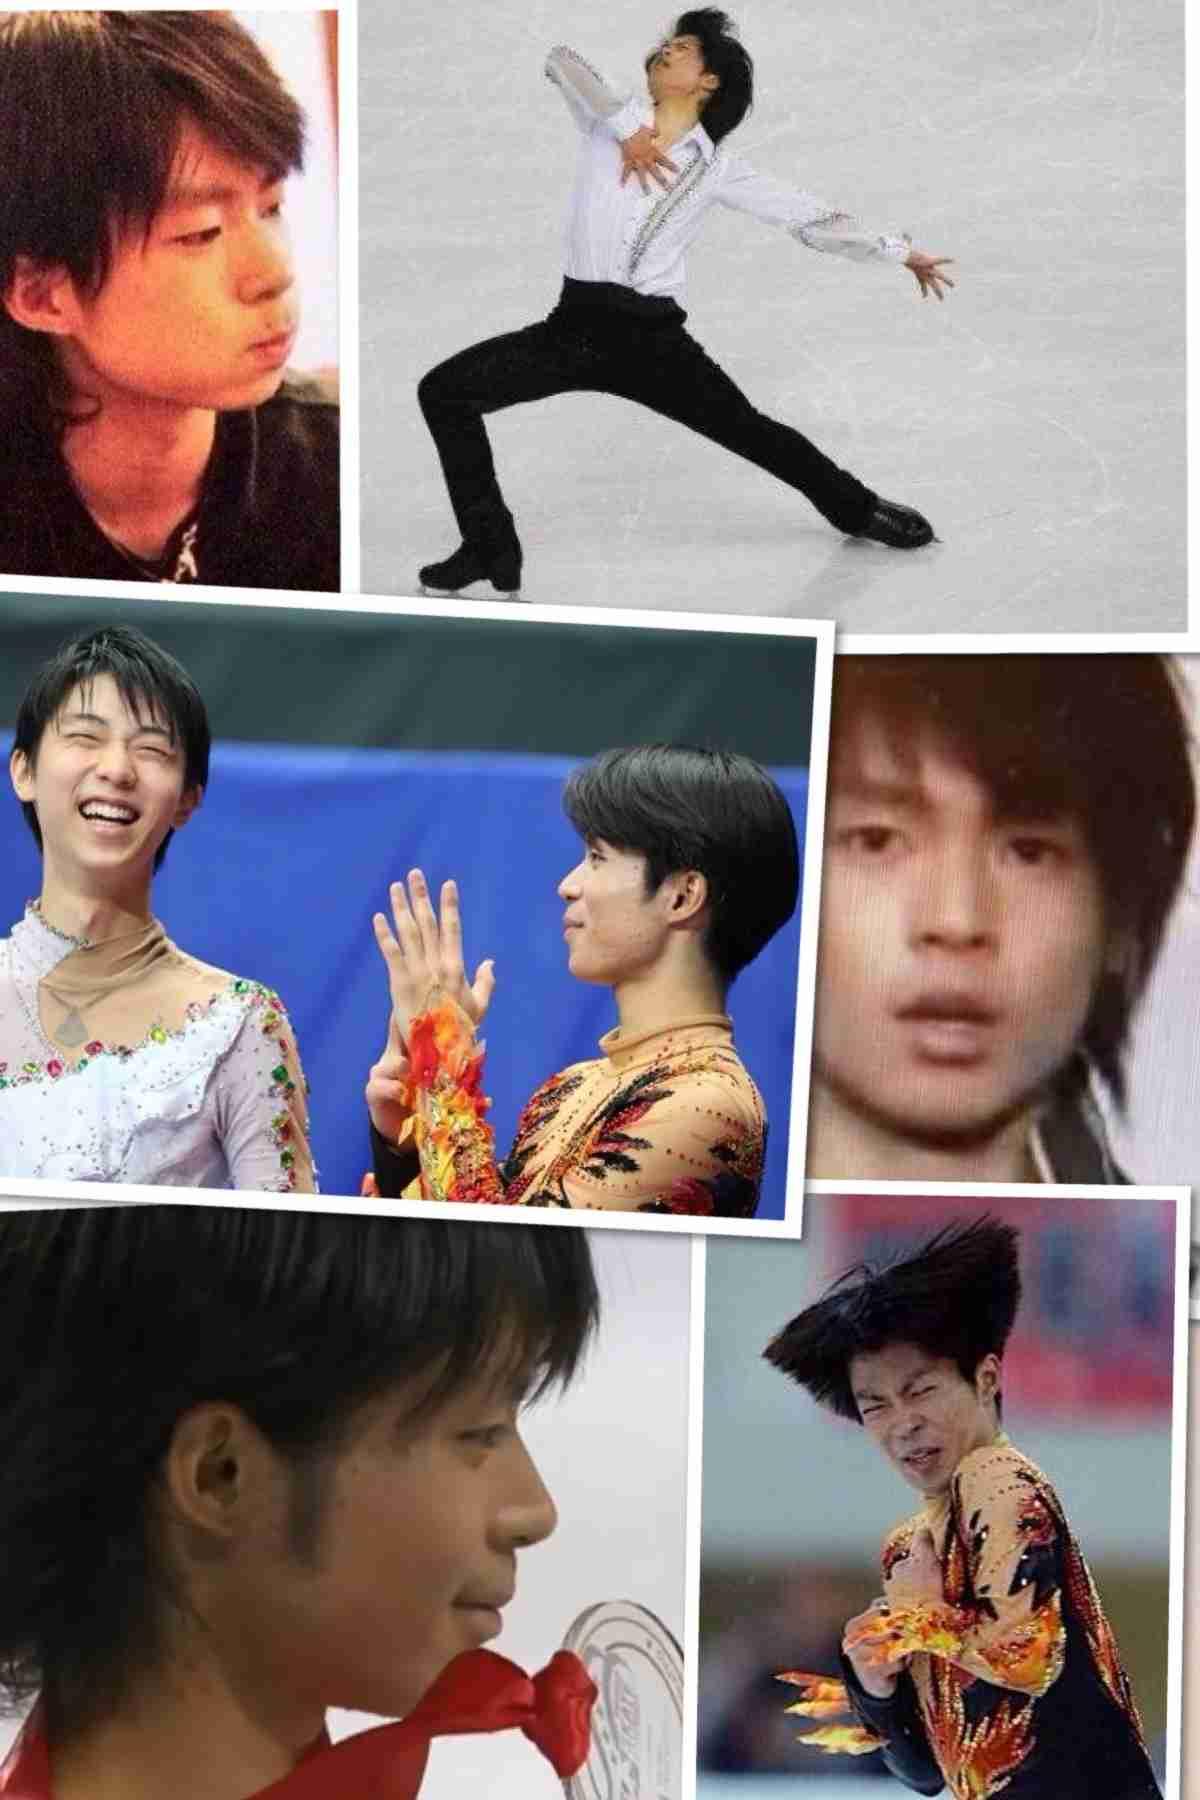 【フィギュア】町田樹が引退表明…世界選手権代表選出も辞退する意向を示す